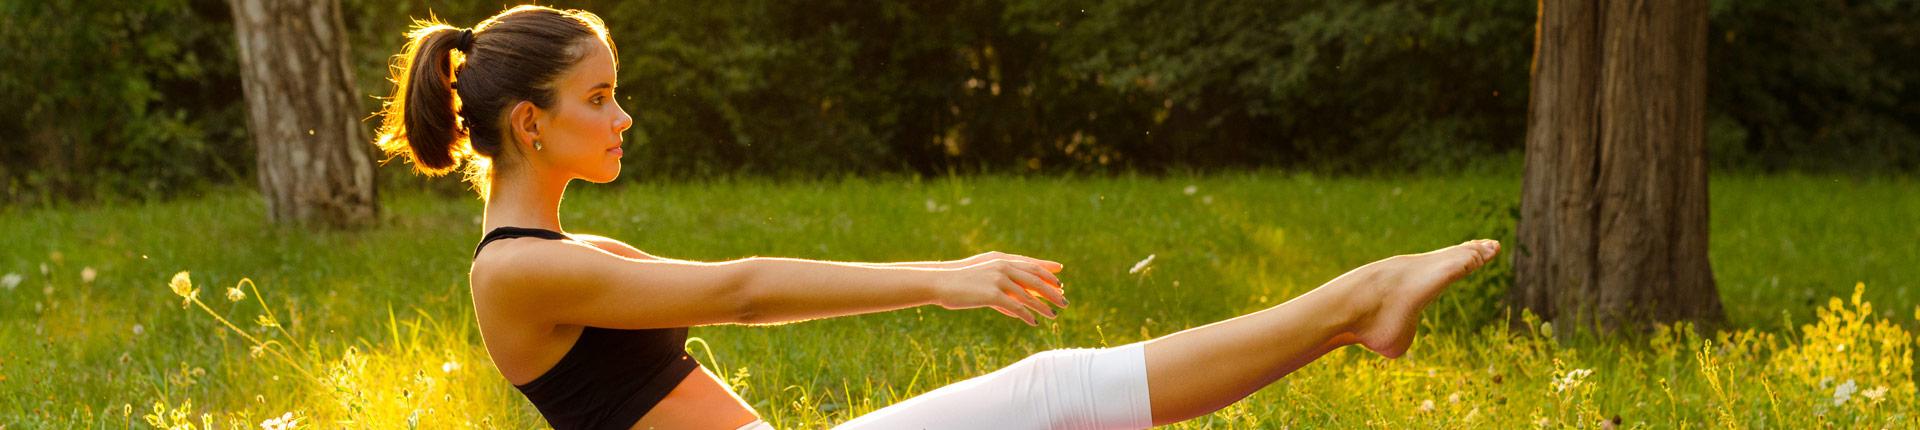 Jaki trening na stres? Ćwiczenia na depresję